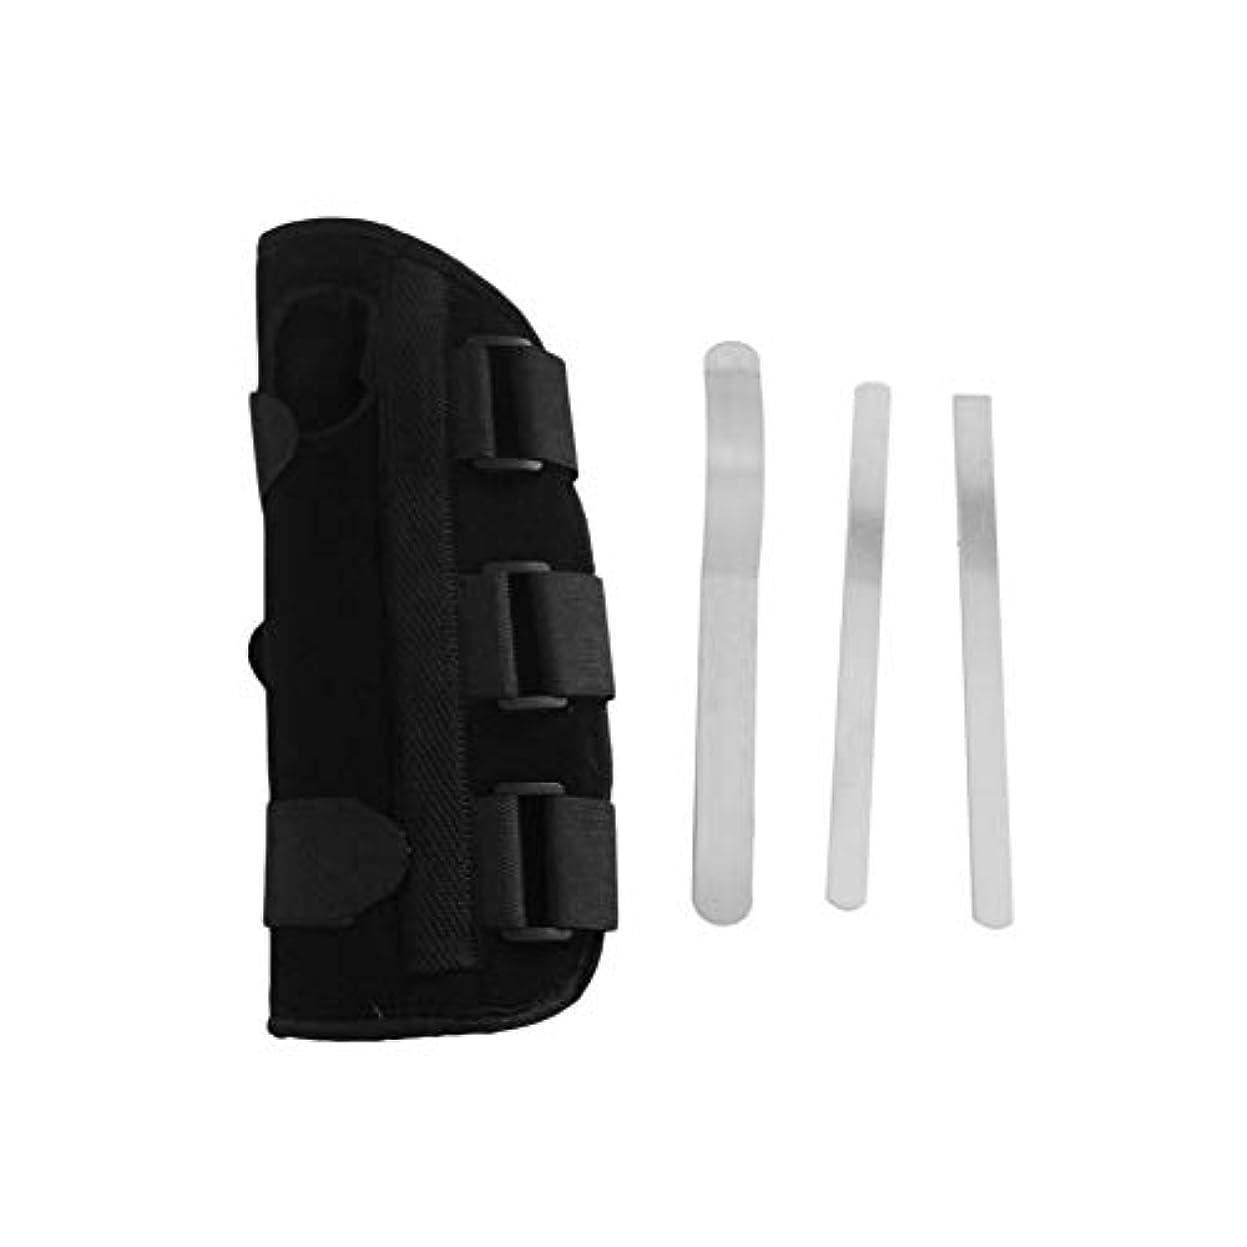 該当する漏れ汚染手首副木ブレース保護サポートストラップカルペルトンネルCTS RSI痛み軽減取り外し可能な副木快適な軽量ストラップ - ブラックS